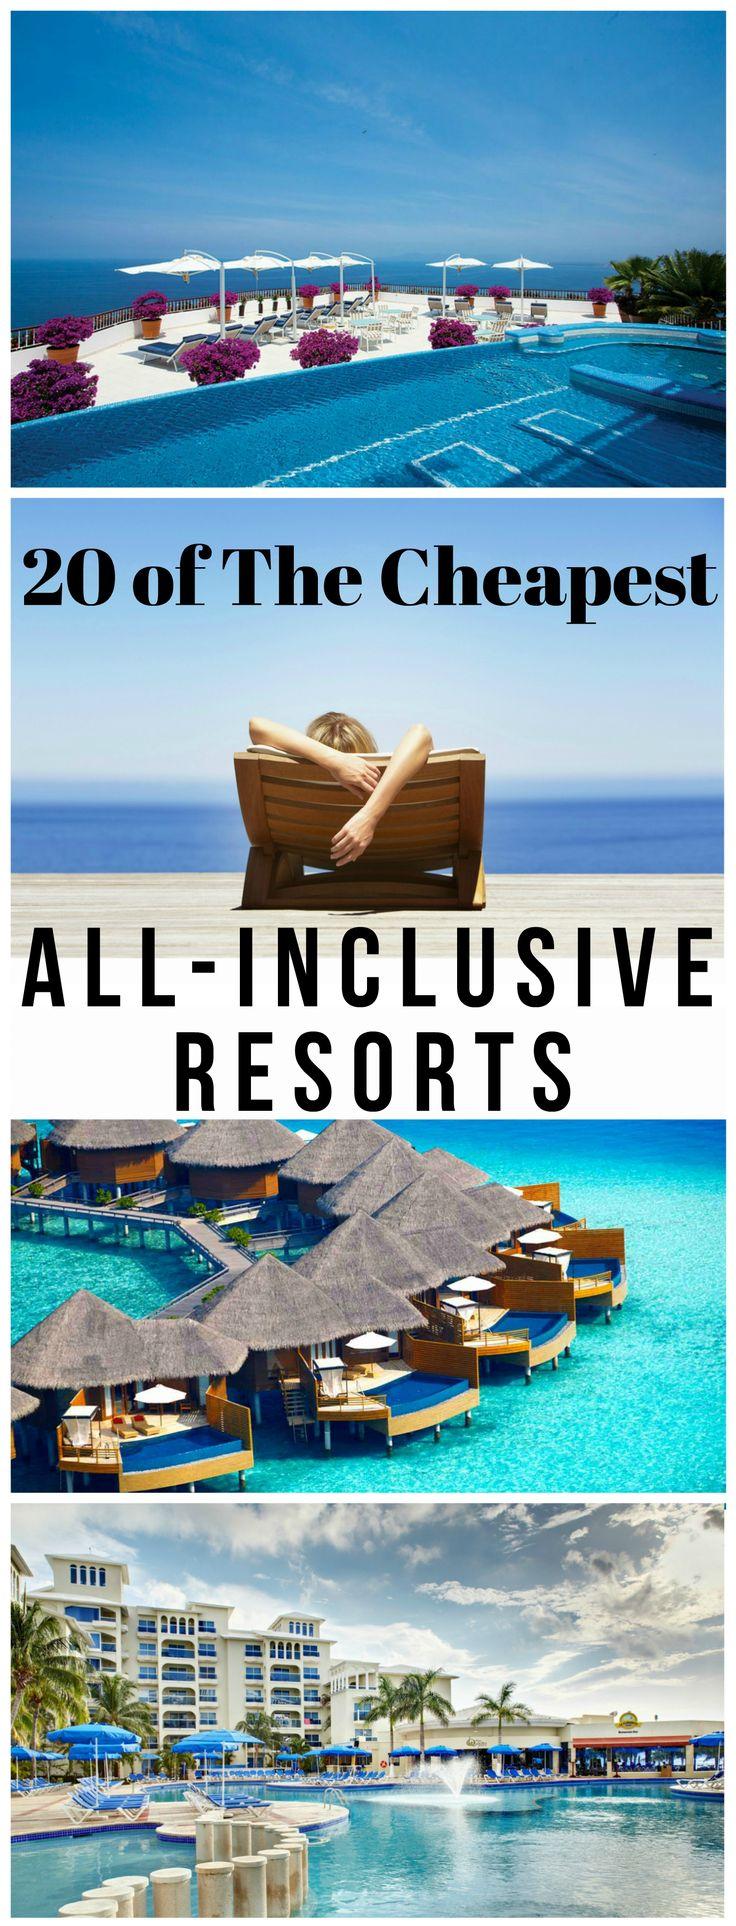 Cheap escort all inclusive vacation